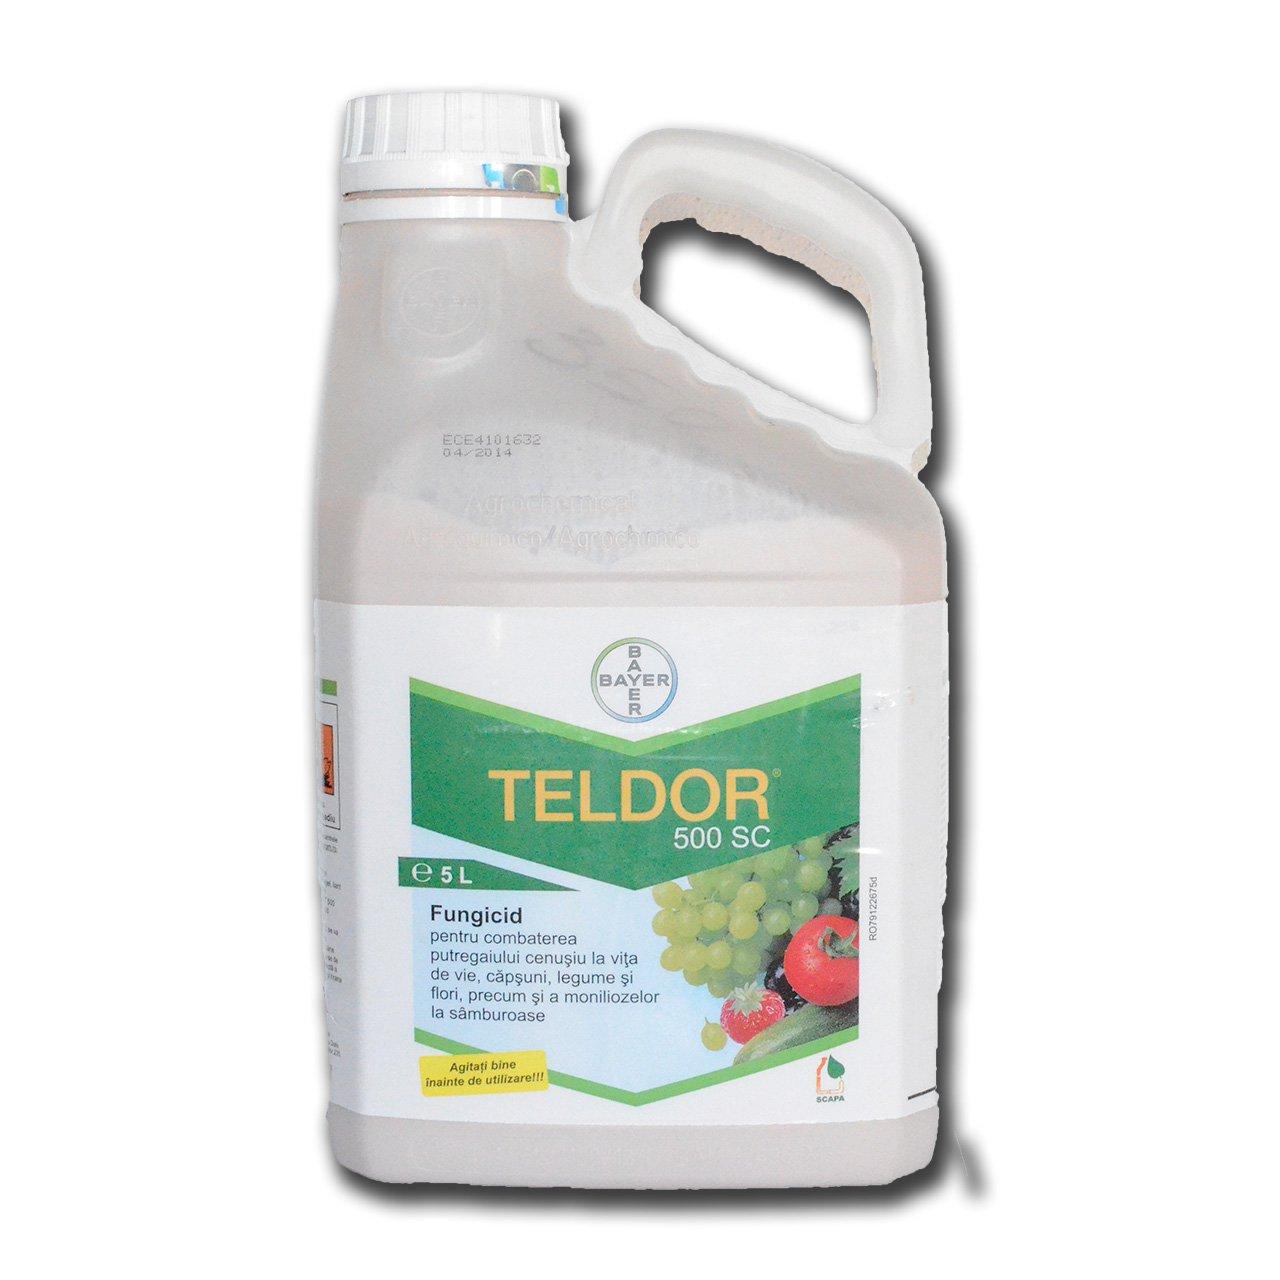 Fungicid Teldor 500 SC (5L)